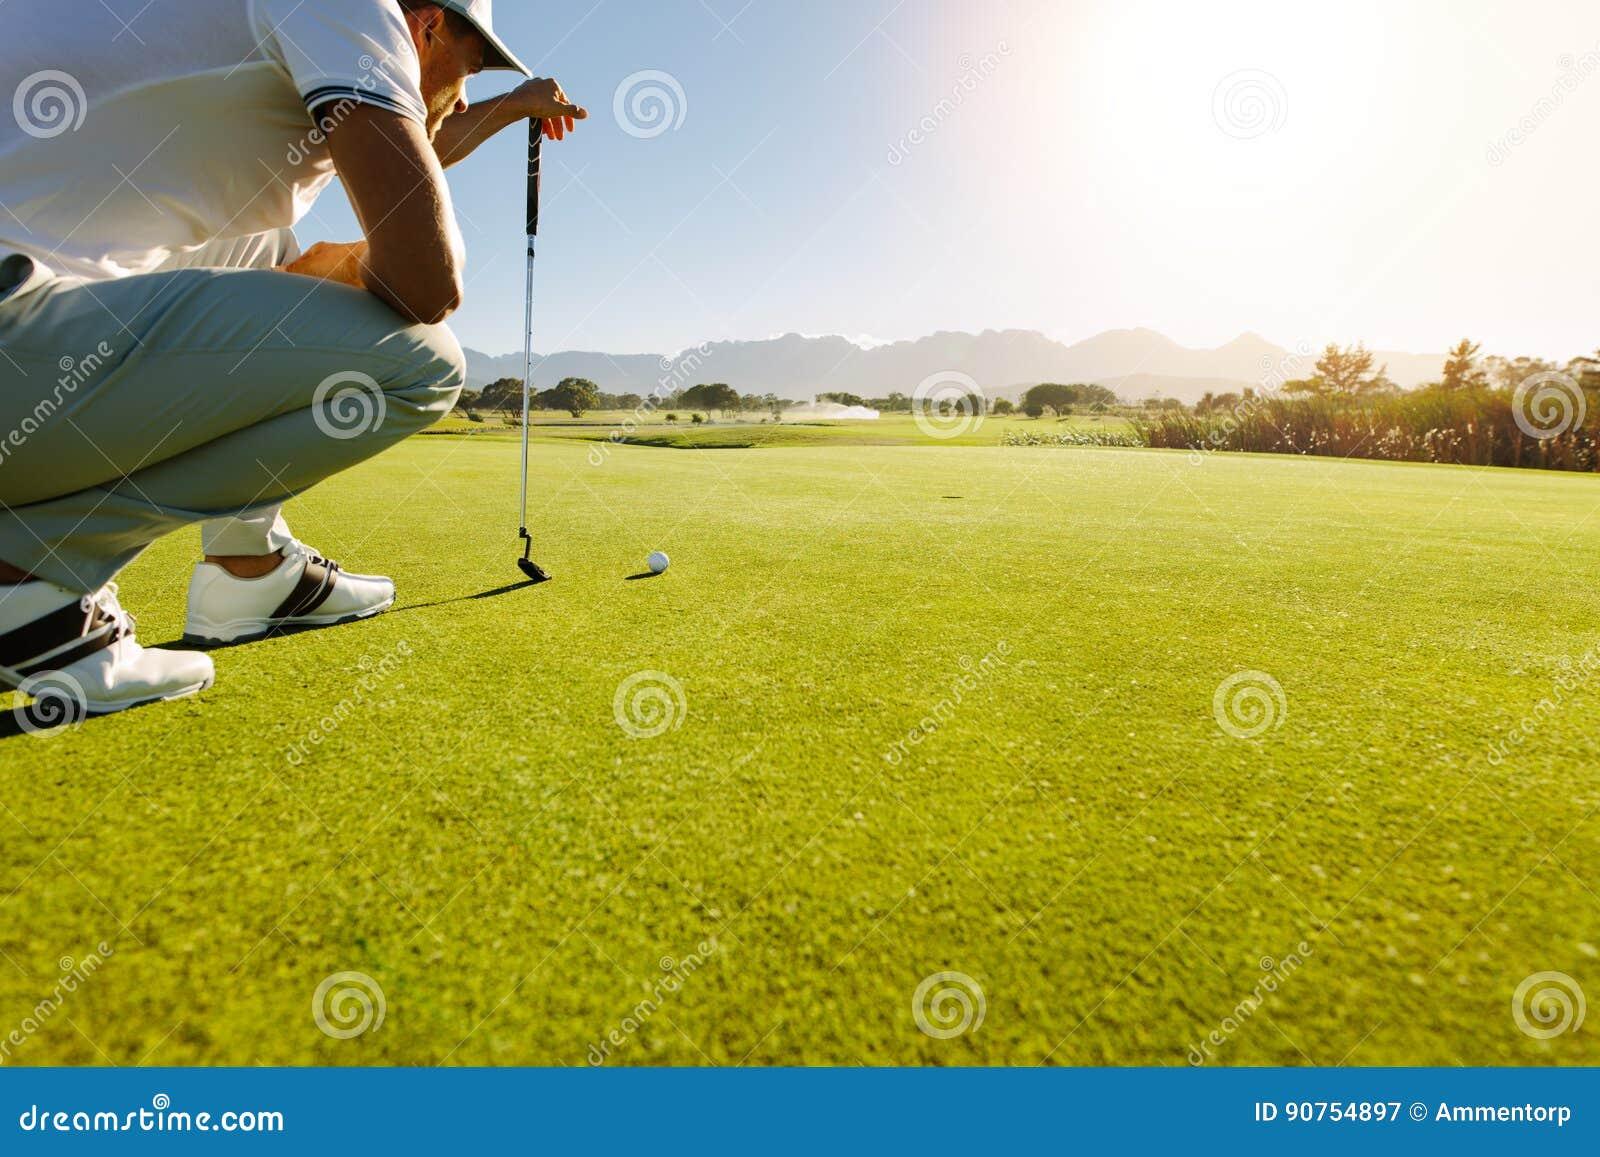 Υπέρ φορέας γκολφ που στοχεύει τον πυροβολισμό με τη λέσχη στη σειρά μαθημάτων